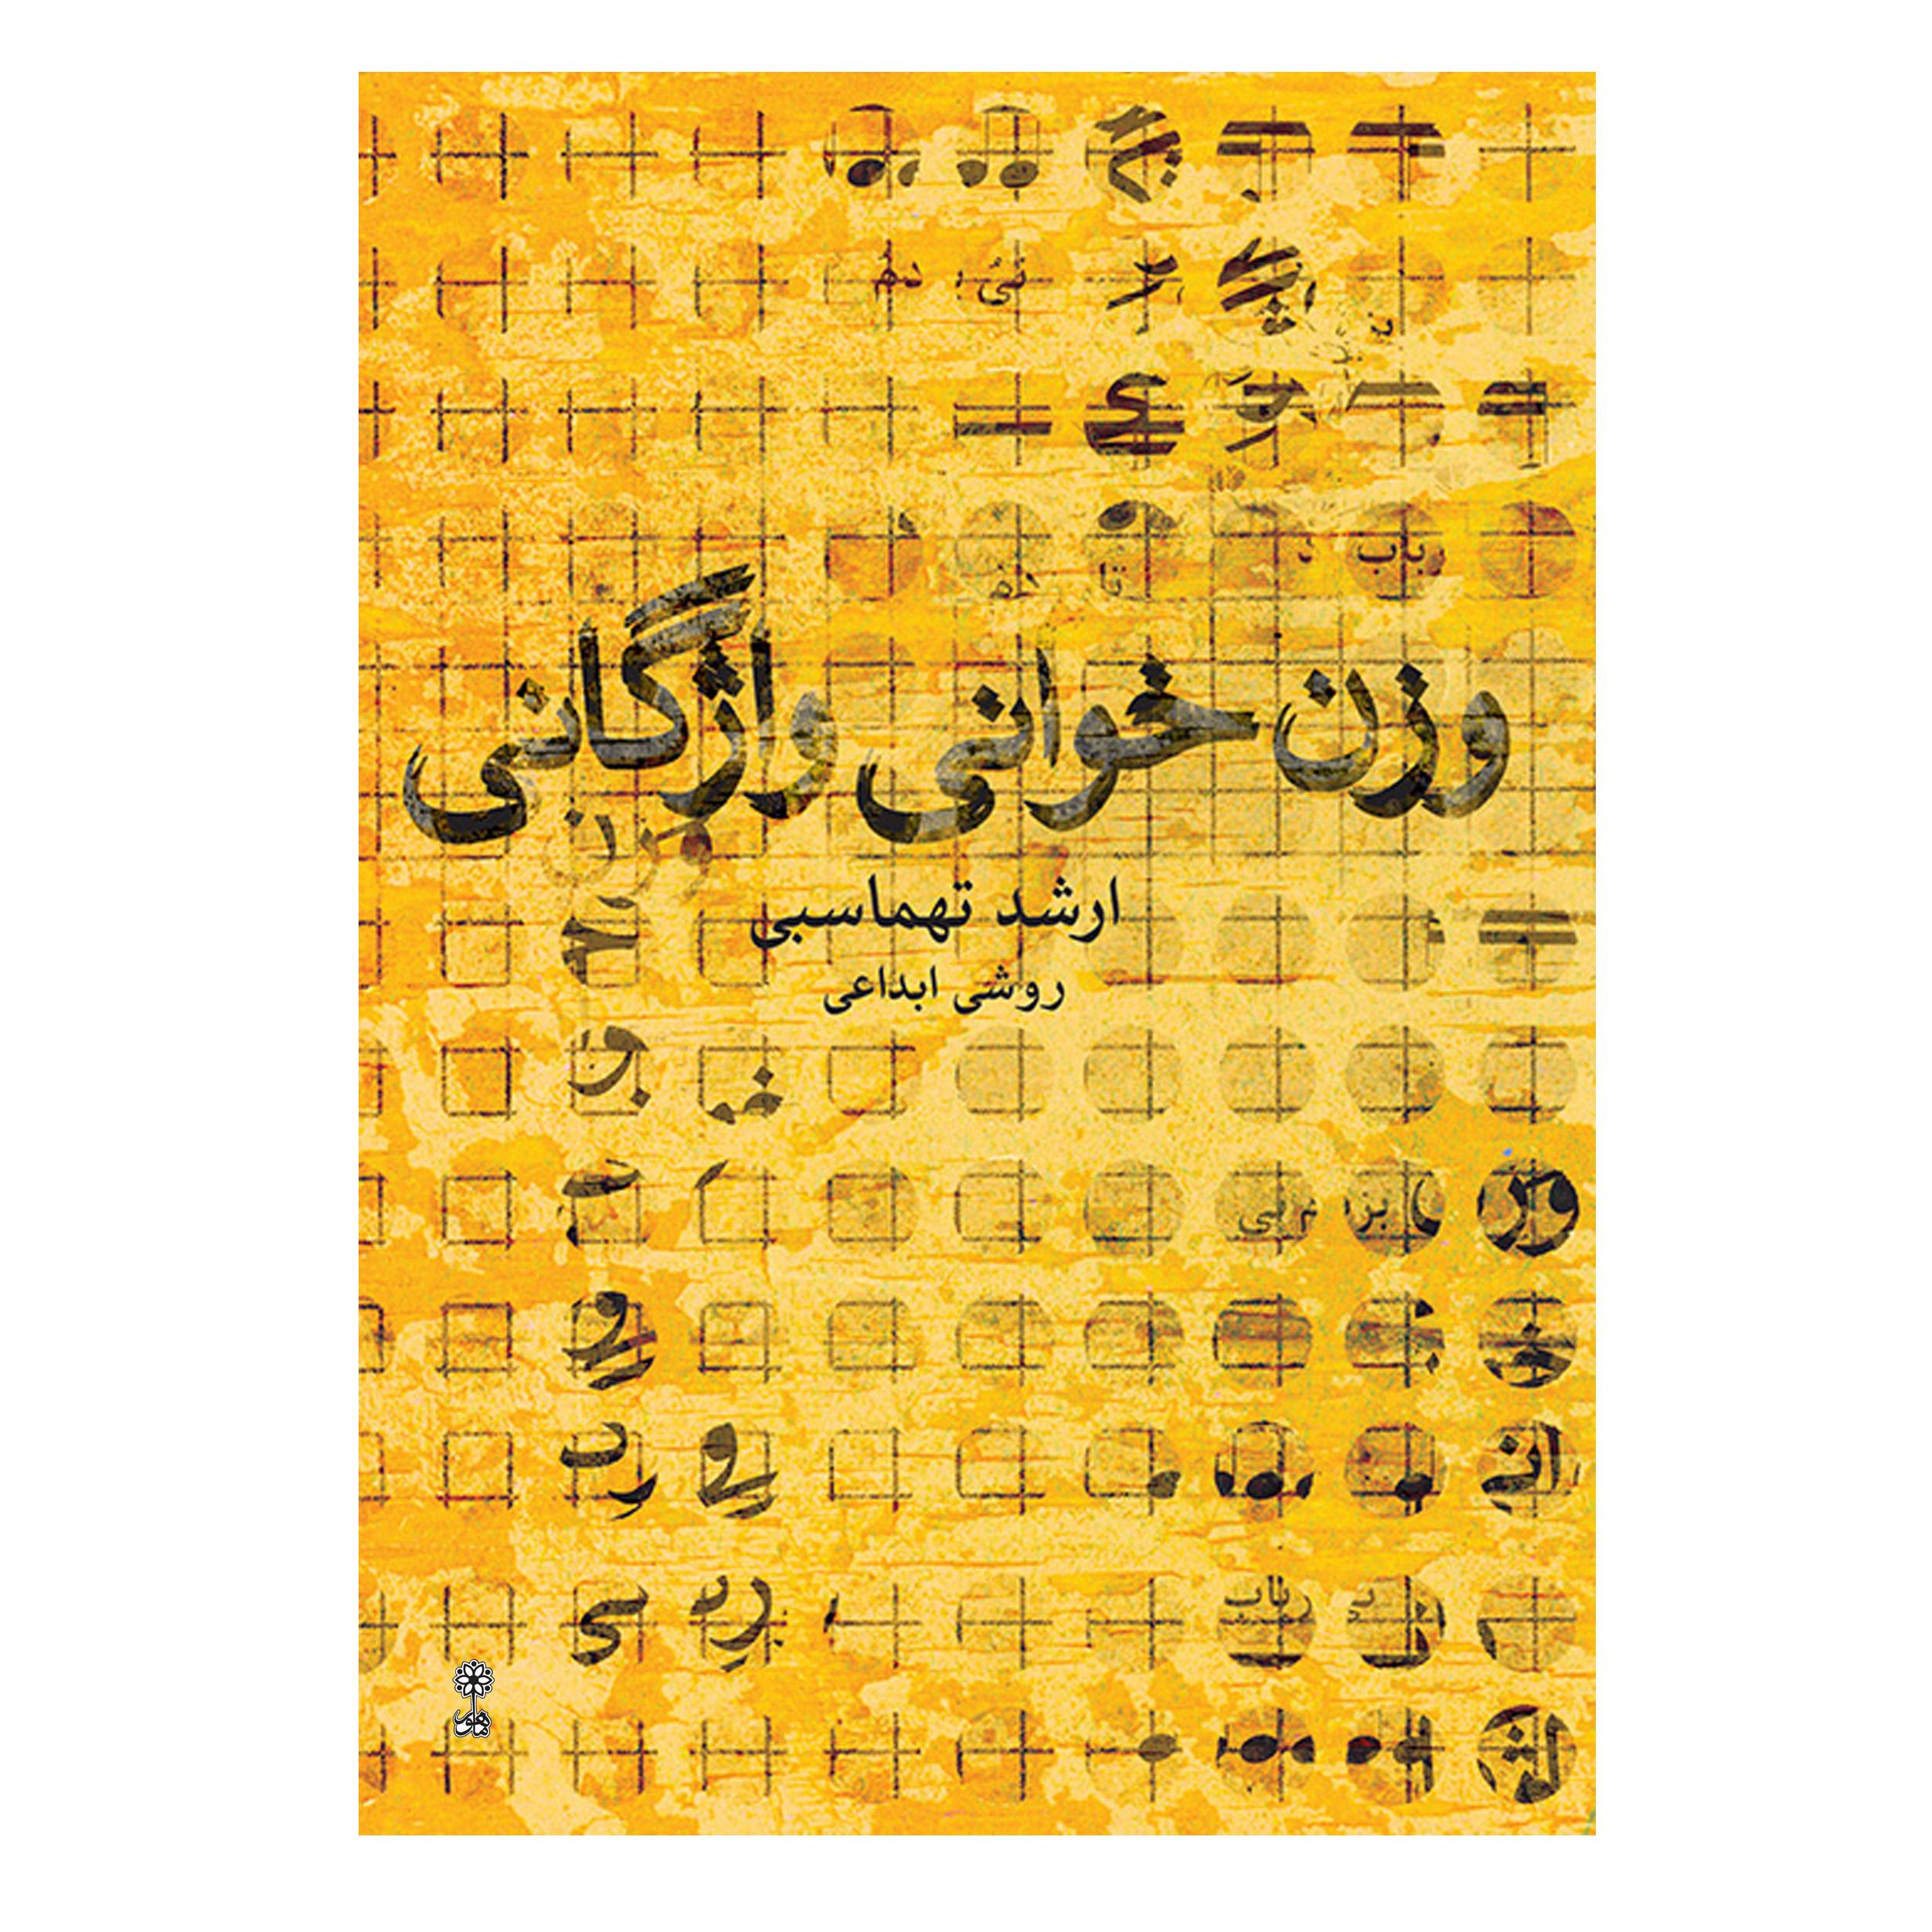 خرید                      کتاب وزن خوانی واژگانی اثر ارشد طهماسبی انتشارات ماهور